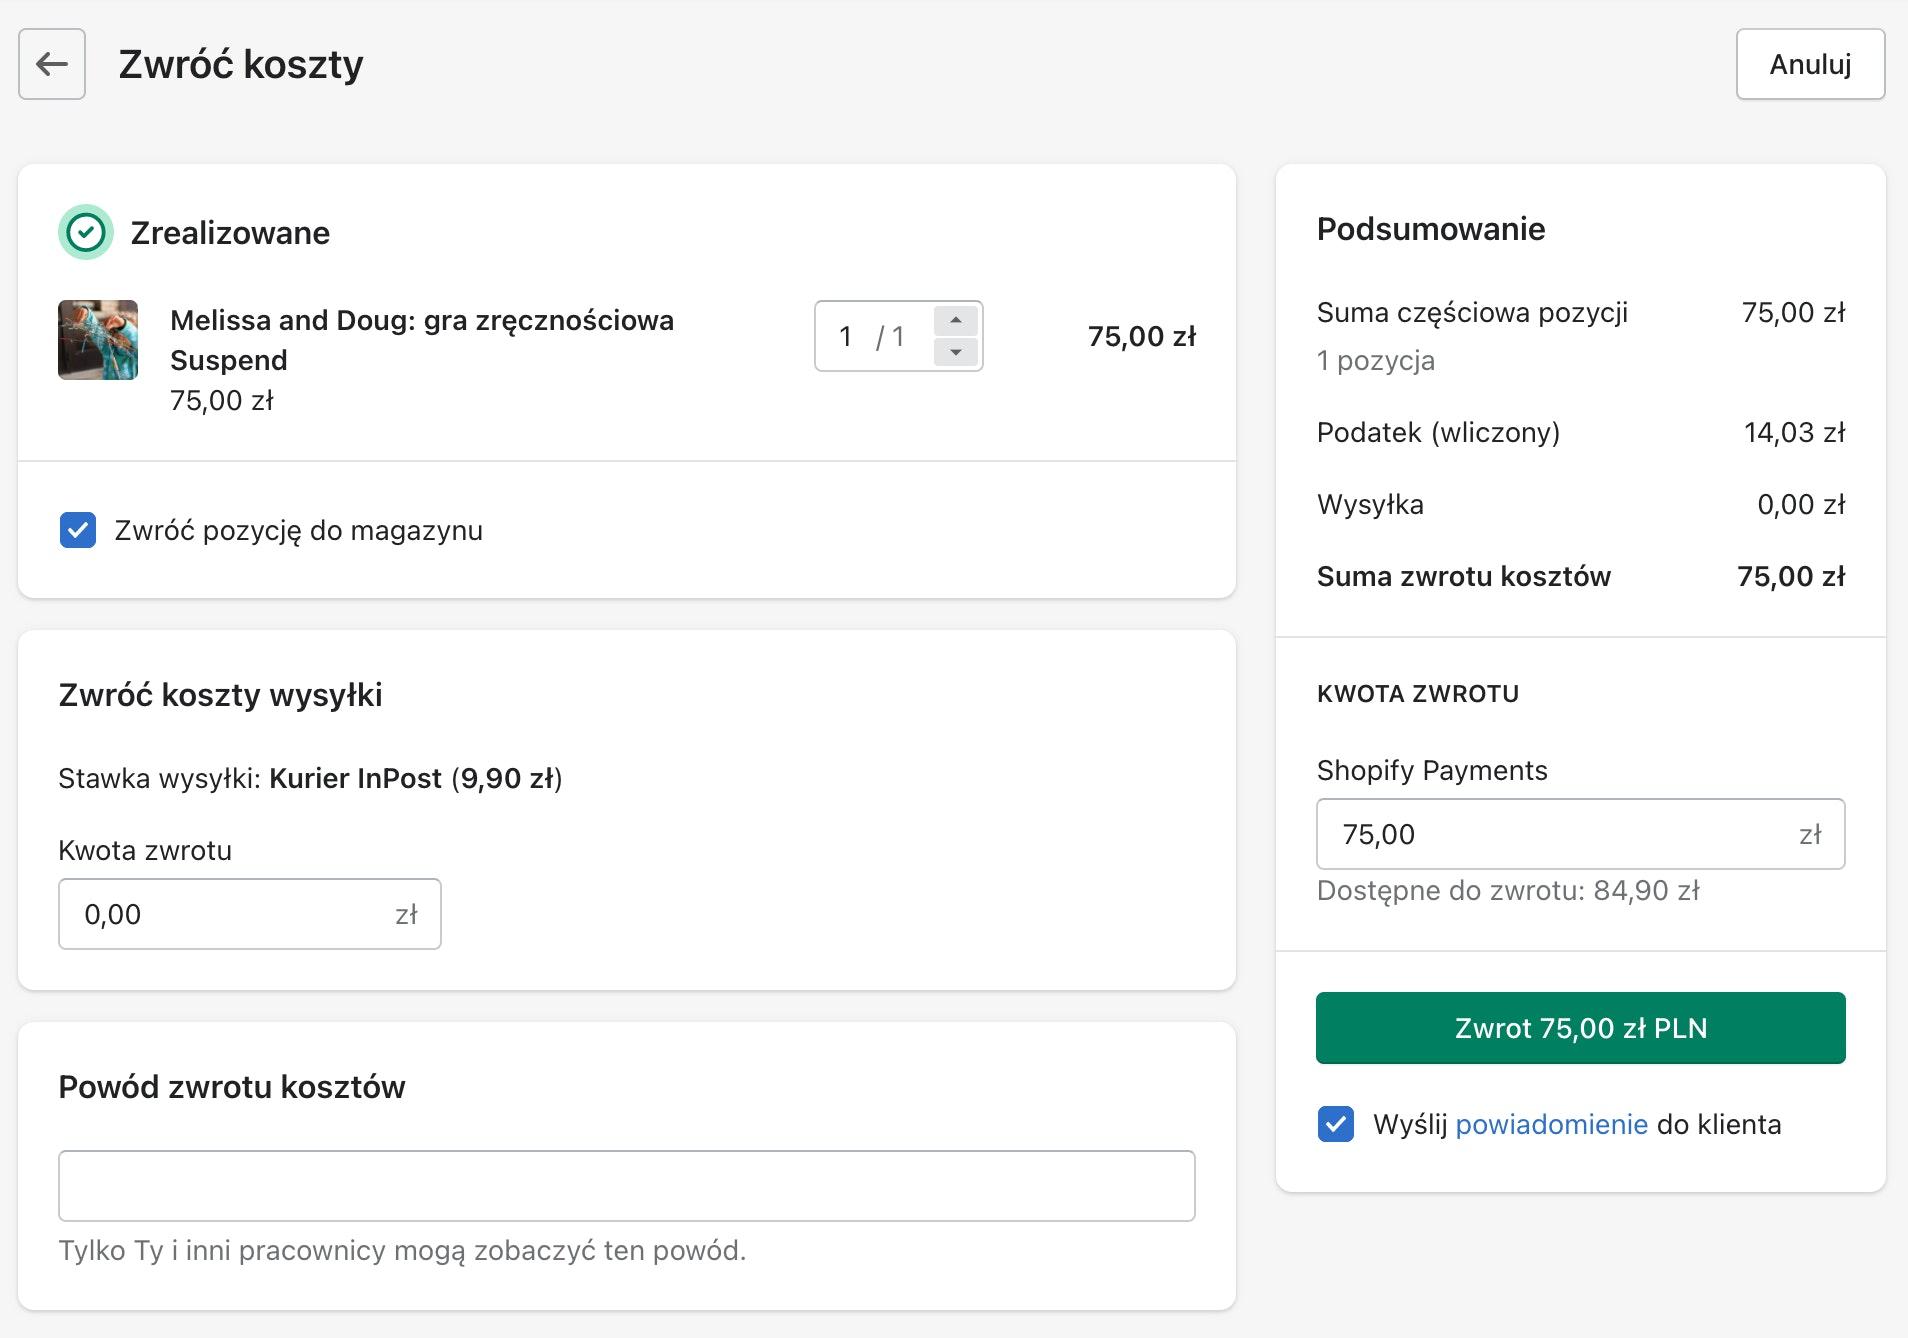 Shopify Payments – wyjaśniamy płatności od Shopify